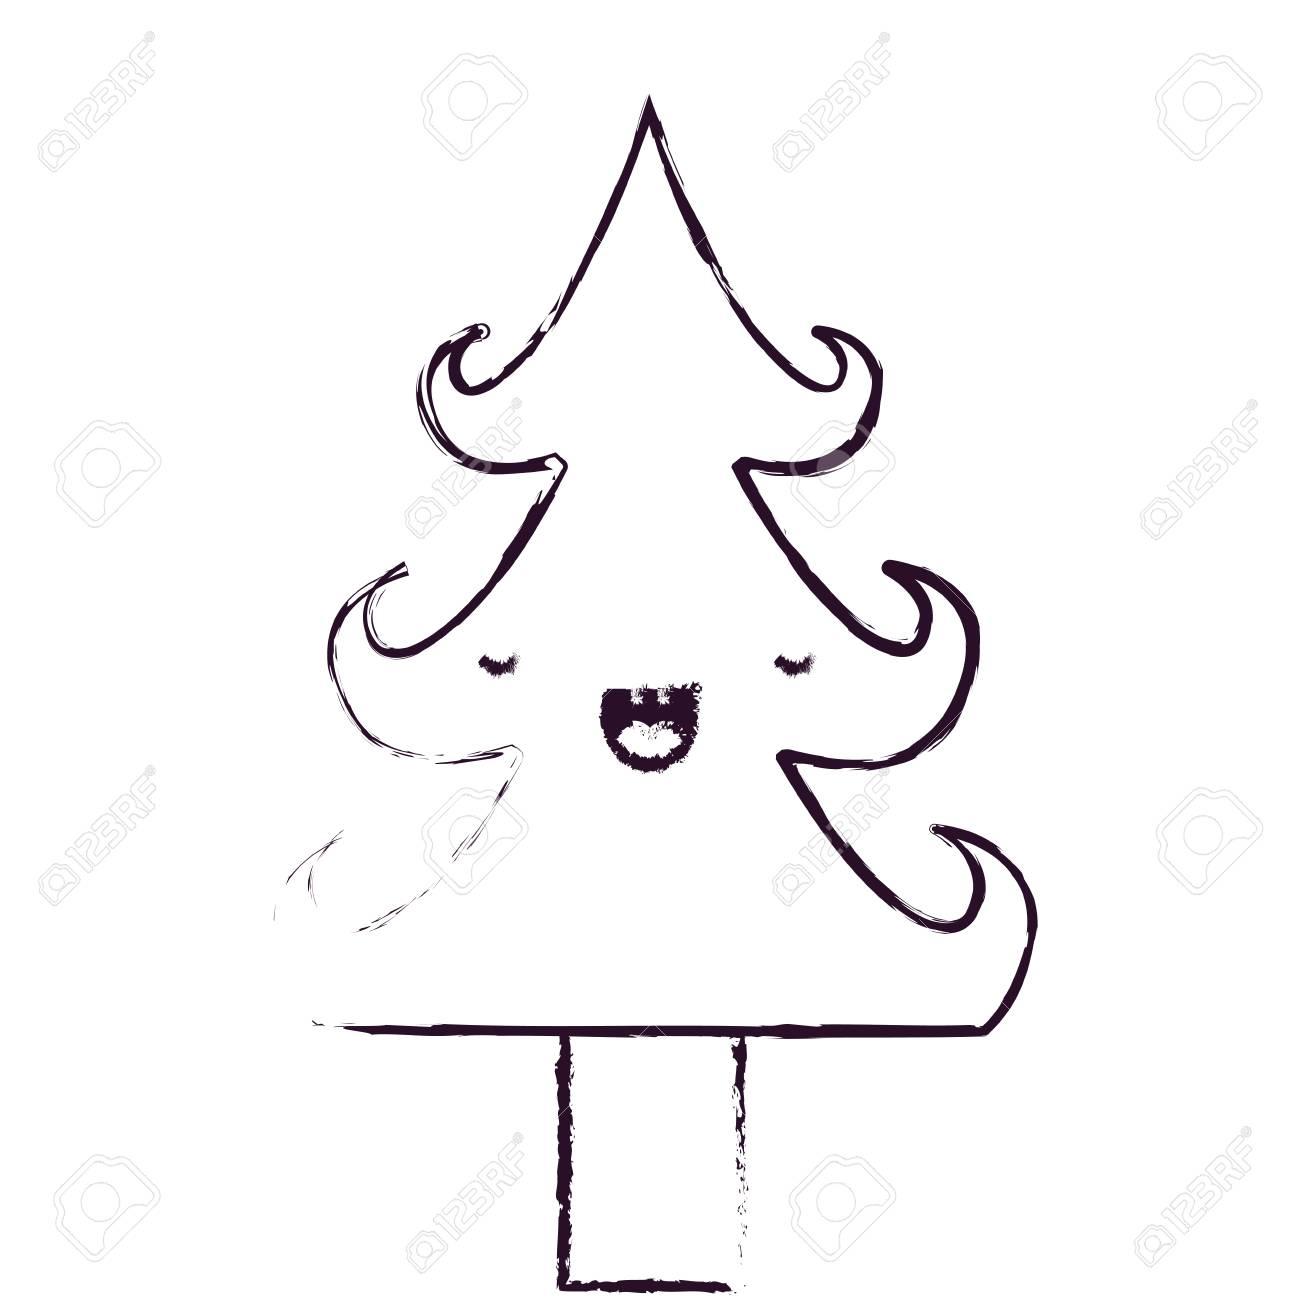 Immagini Natalizie Kawaii.Albero Di Natale Kawaii Disegni Di Natale